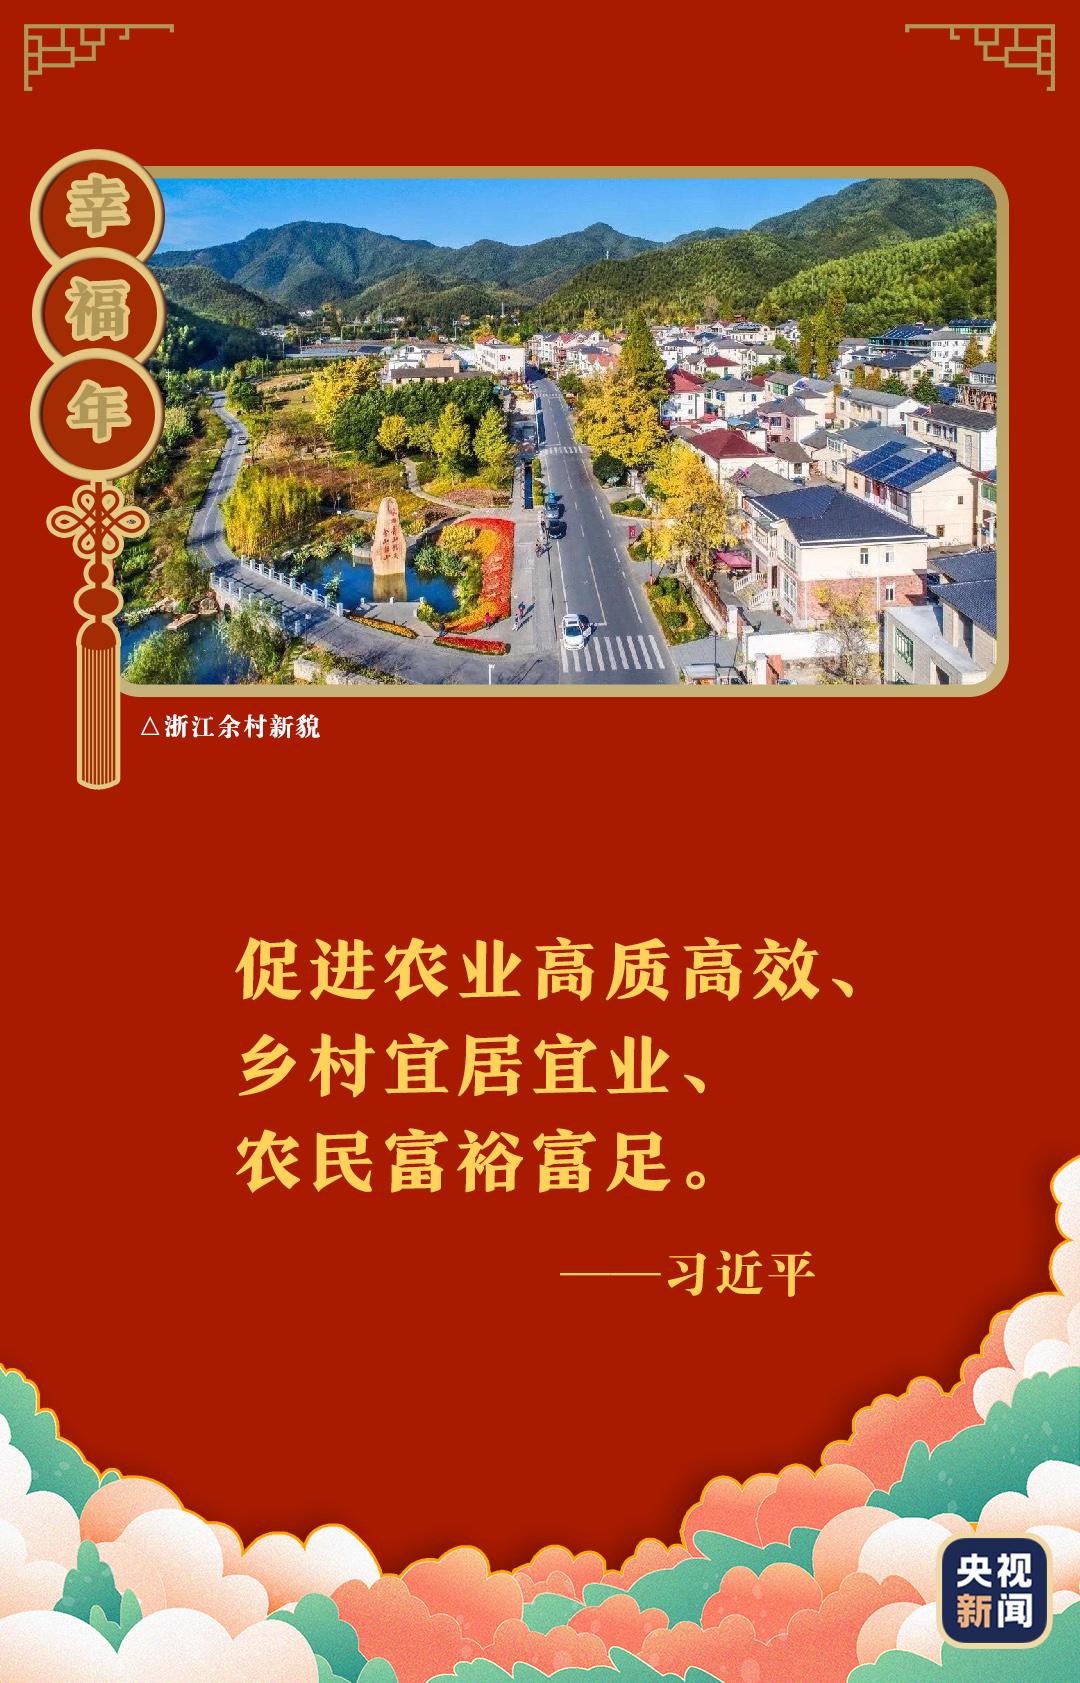 消夏避暑的好地方安徽省仙寓山,以前還是仙人定居的地区,自然环境很梦幻2